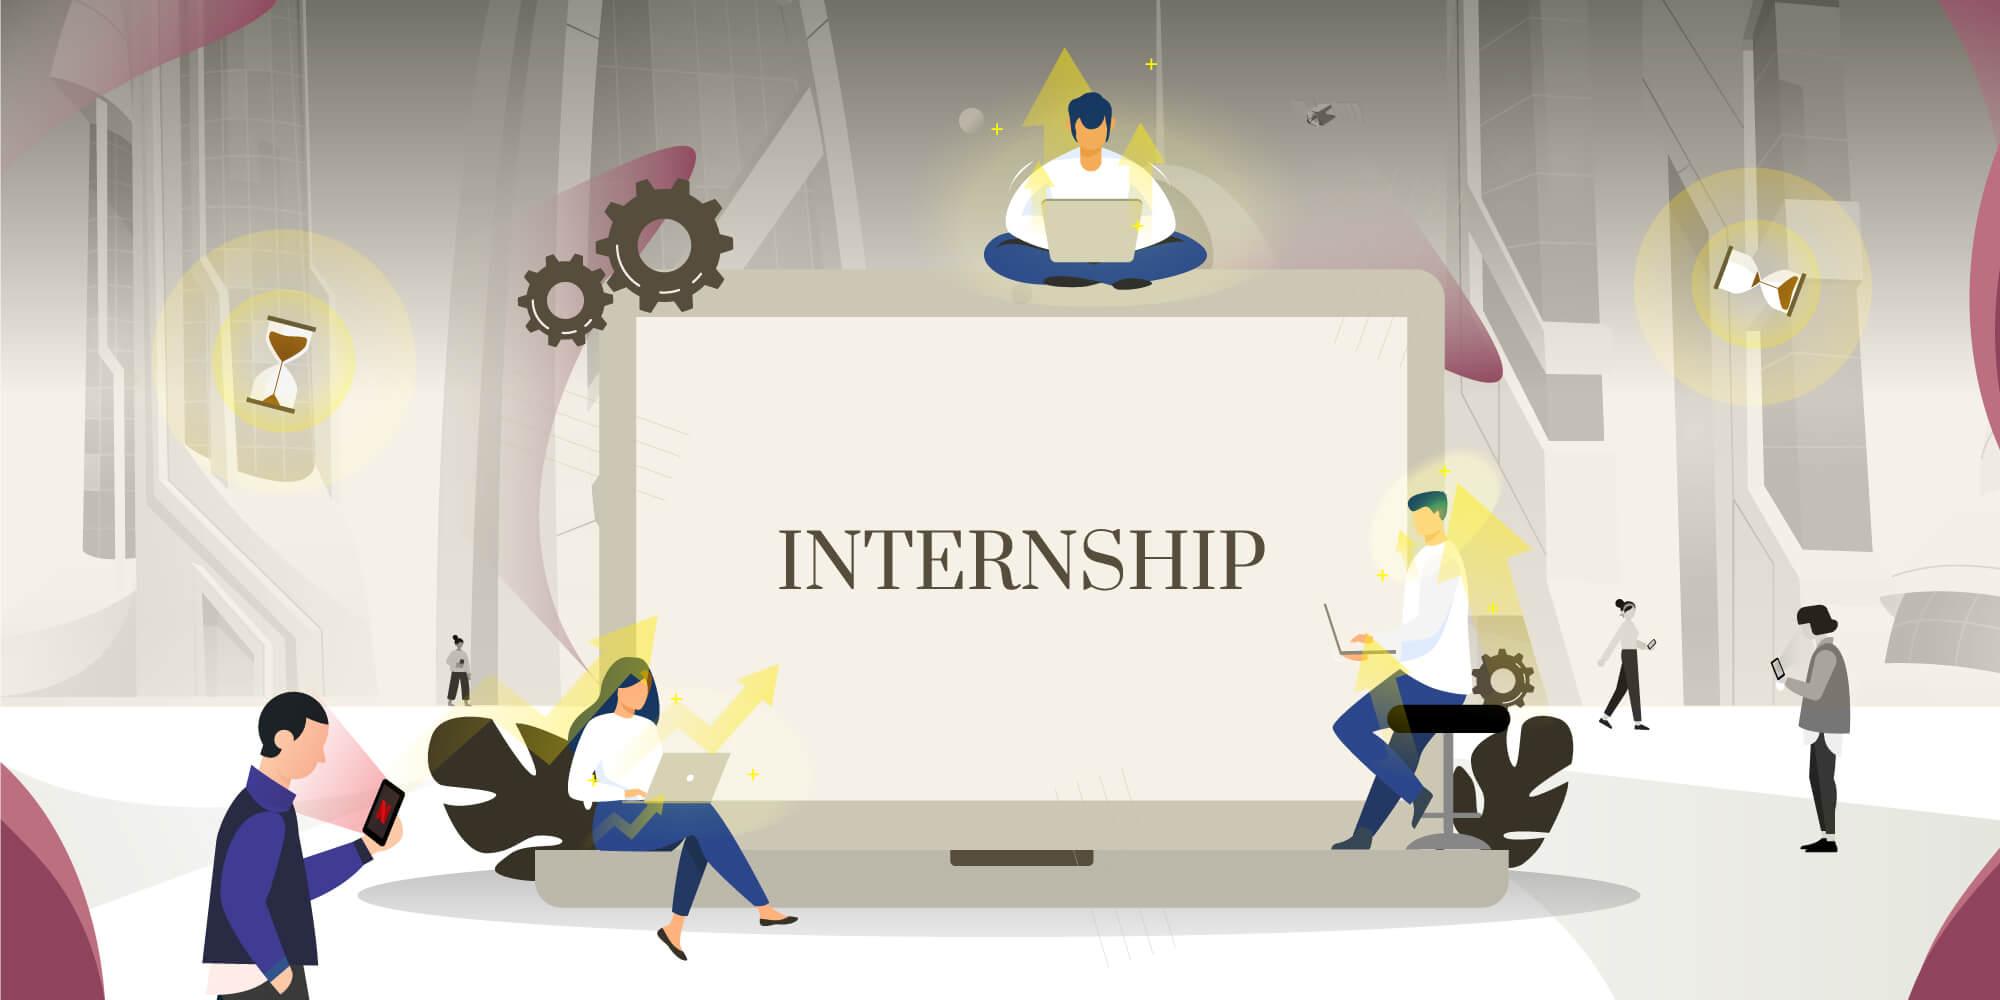 ทำไมนักศึกษาถึงควรเข้า Internship Program ก่อนเริ่มต้นทำงาน?